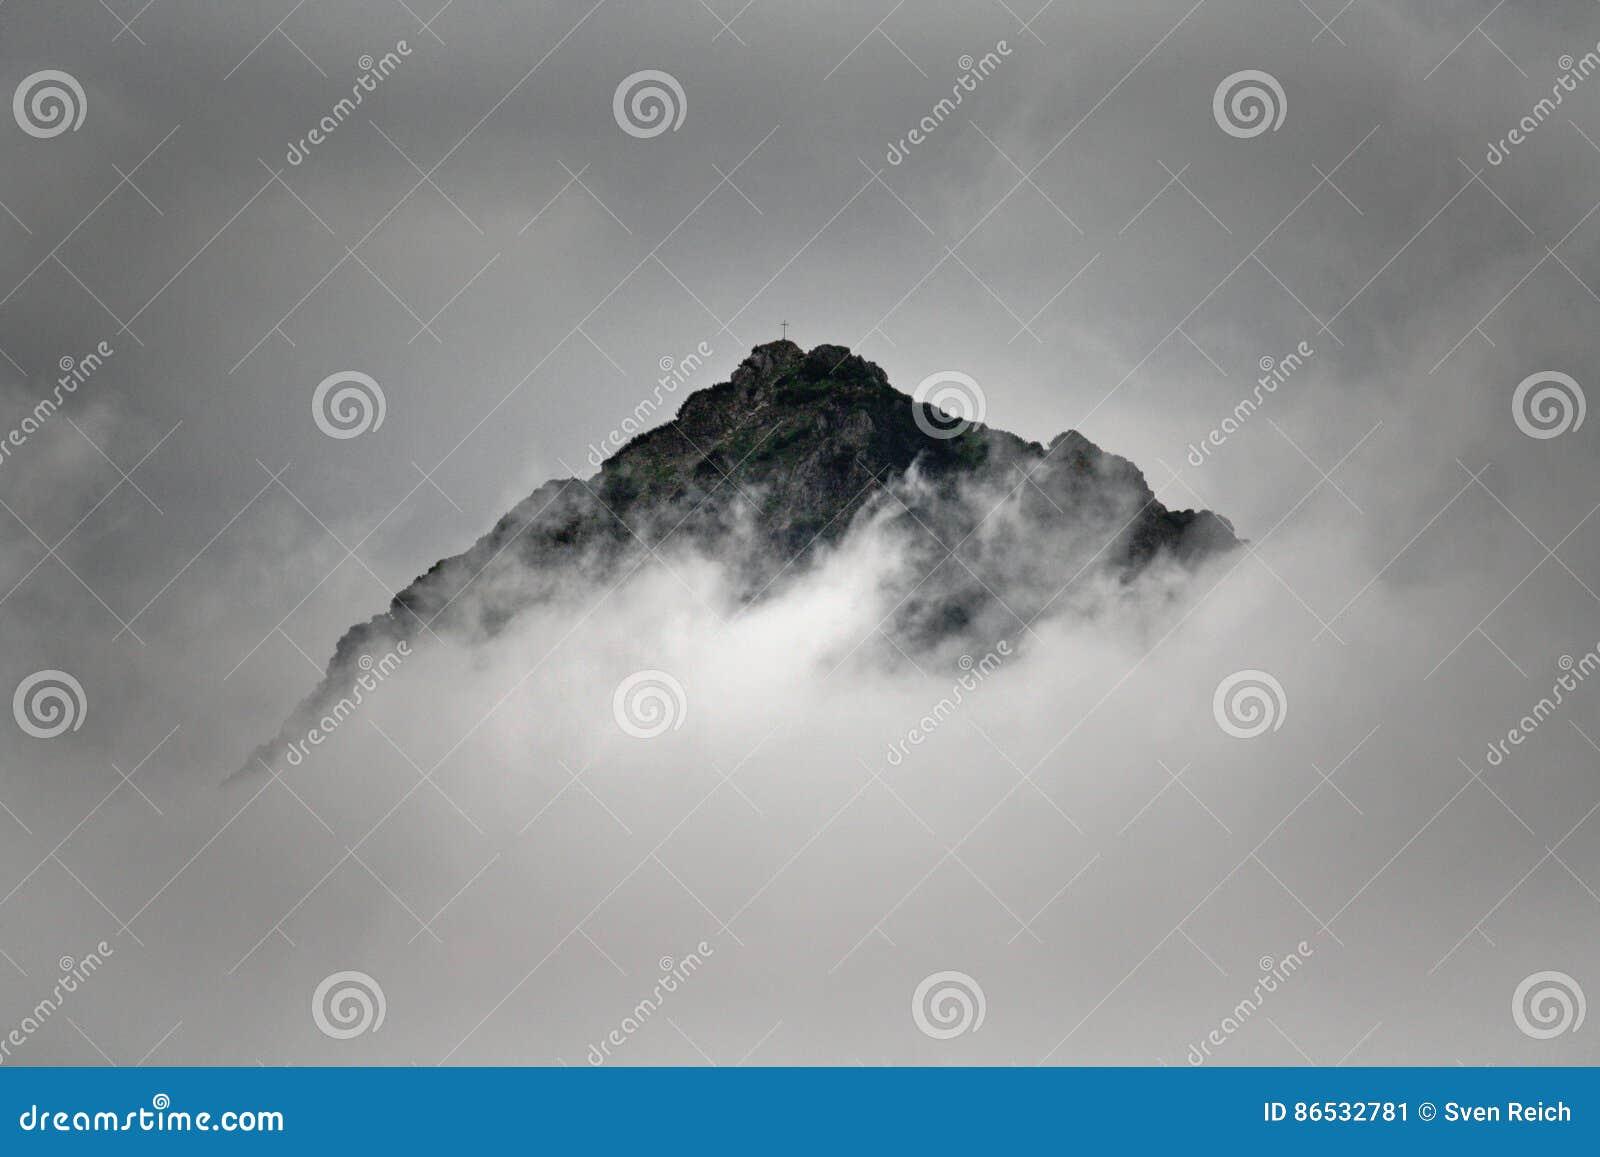 Toppmöte av ett berg i molnen